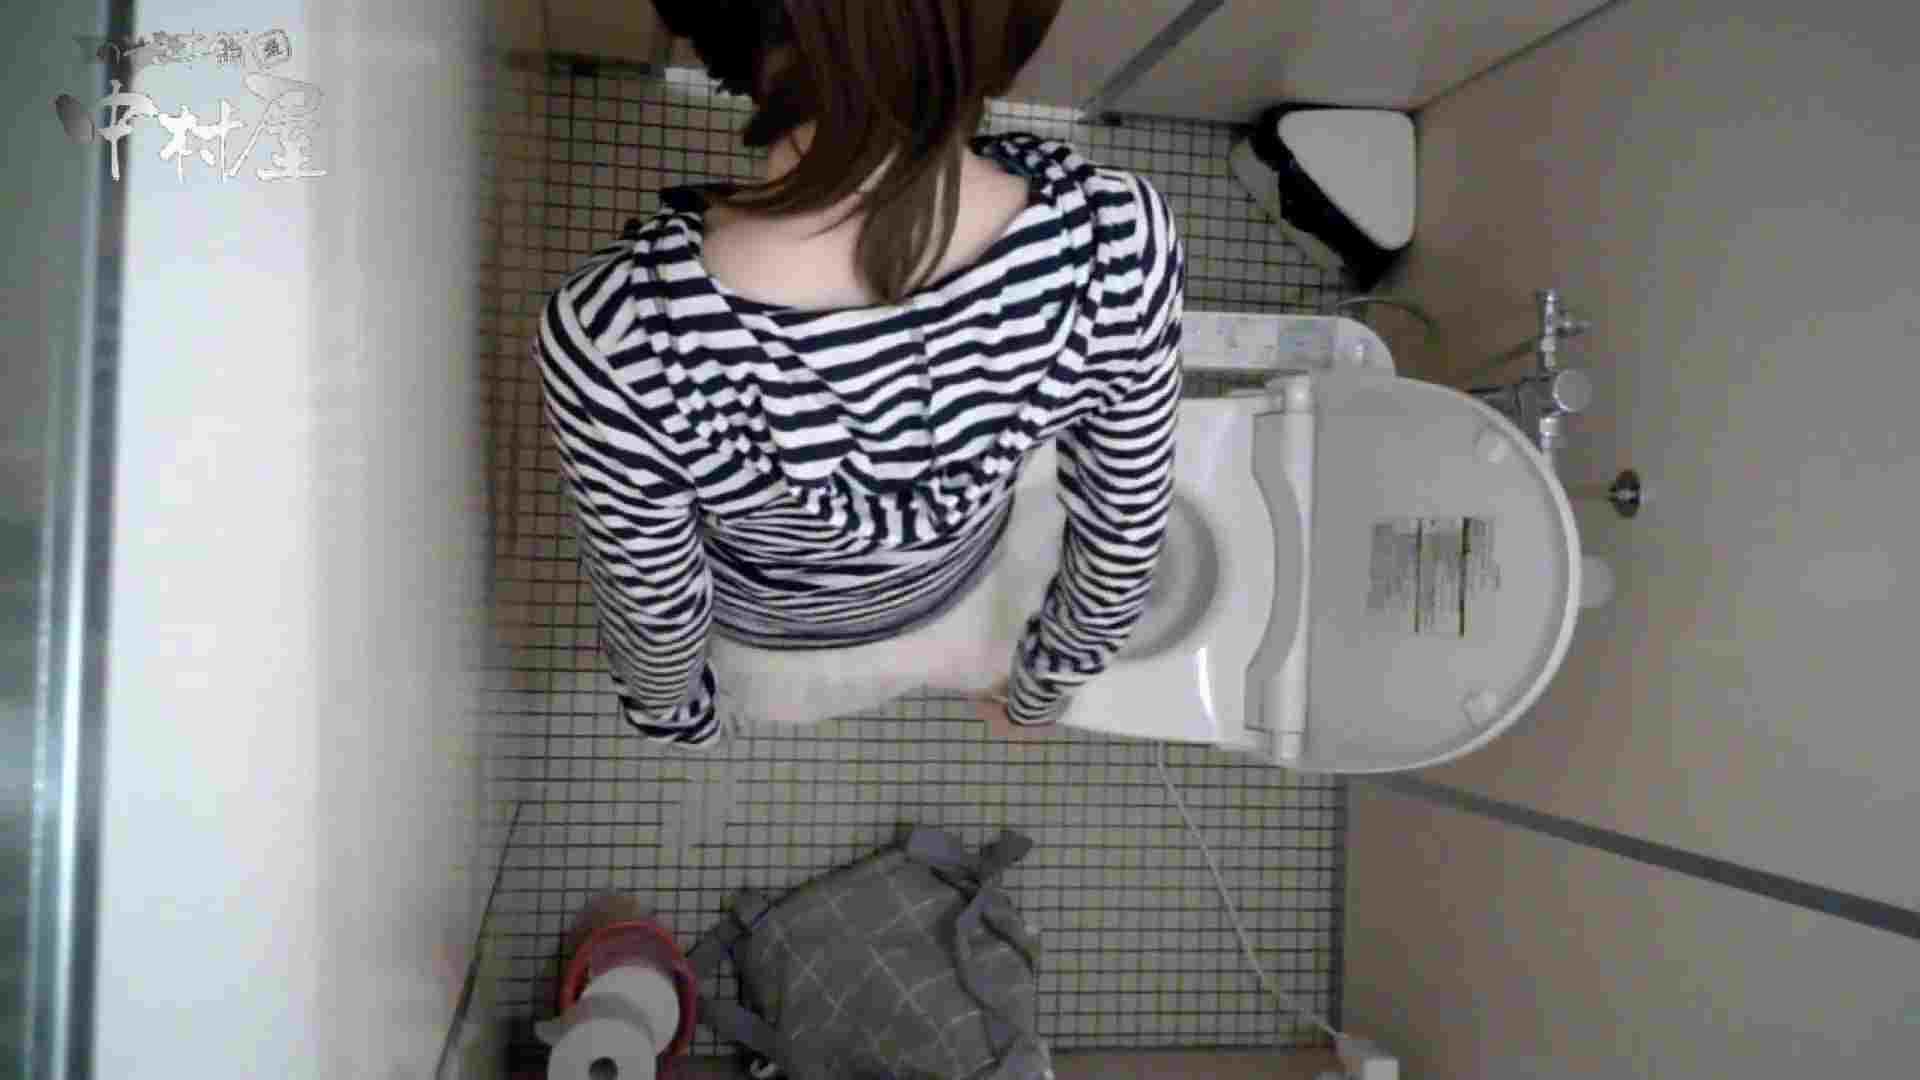 有名大学女性洗面所 Vol.52 ストッキングの最後の「くいっ!」がたまりません 洗面所突入 | 和式トイレ  83pic 21